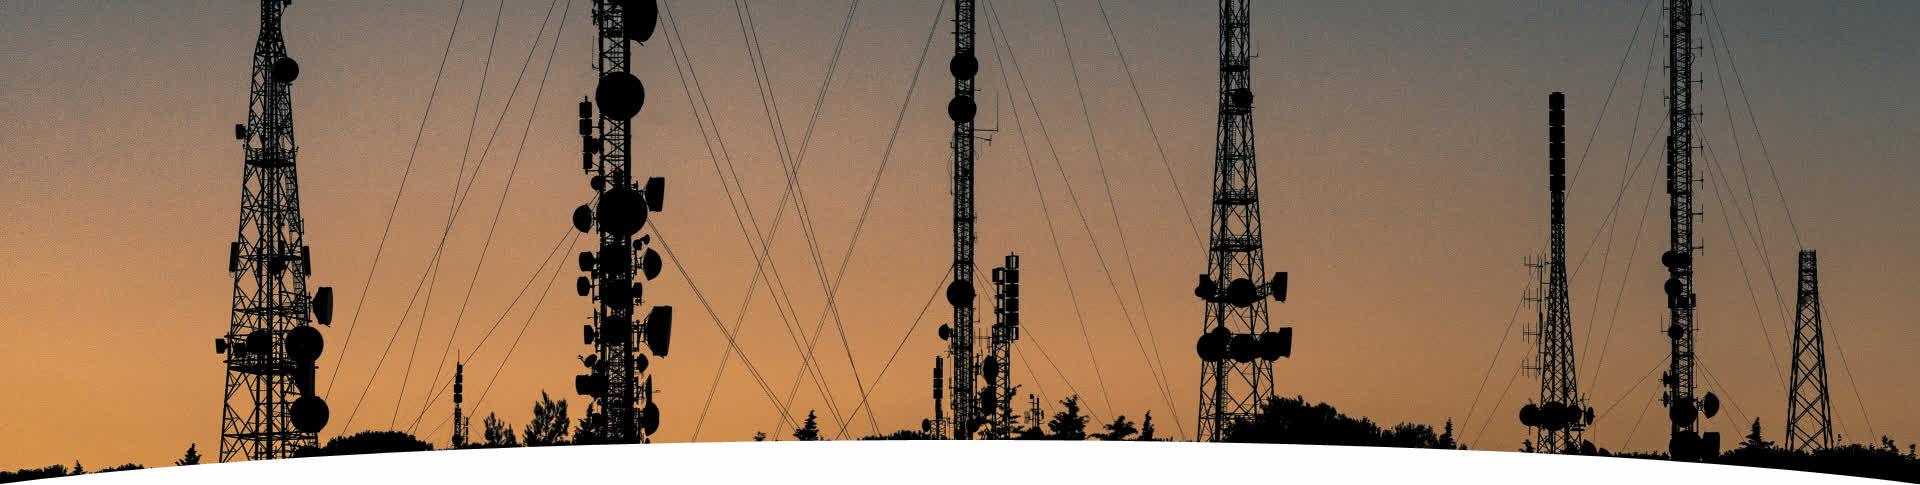 sl-telecoms